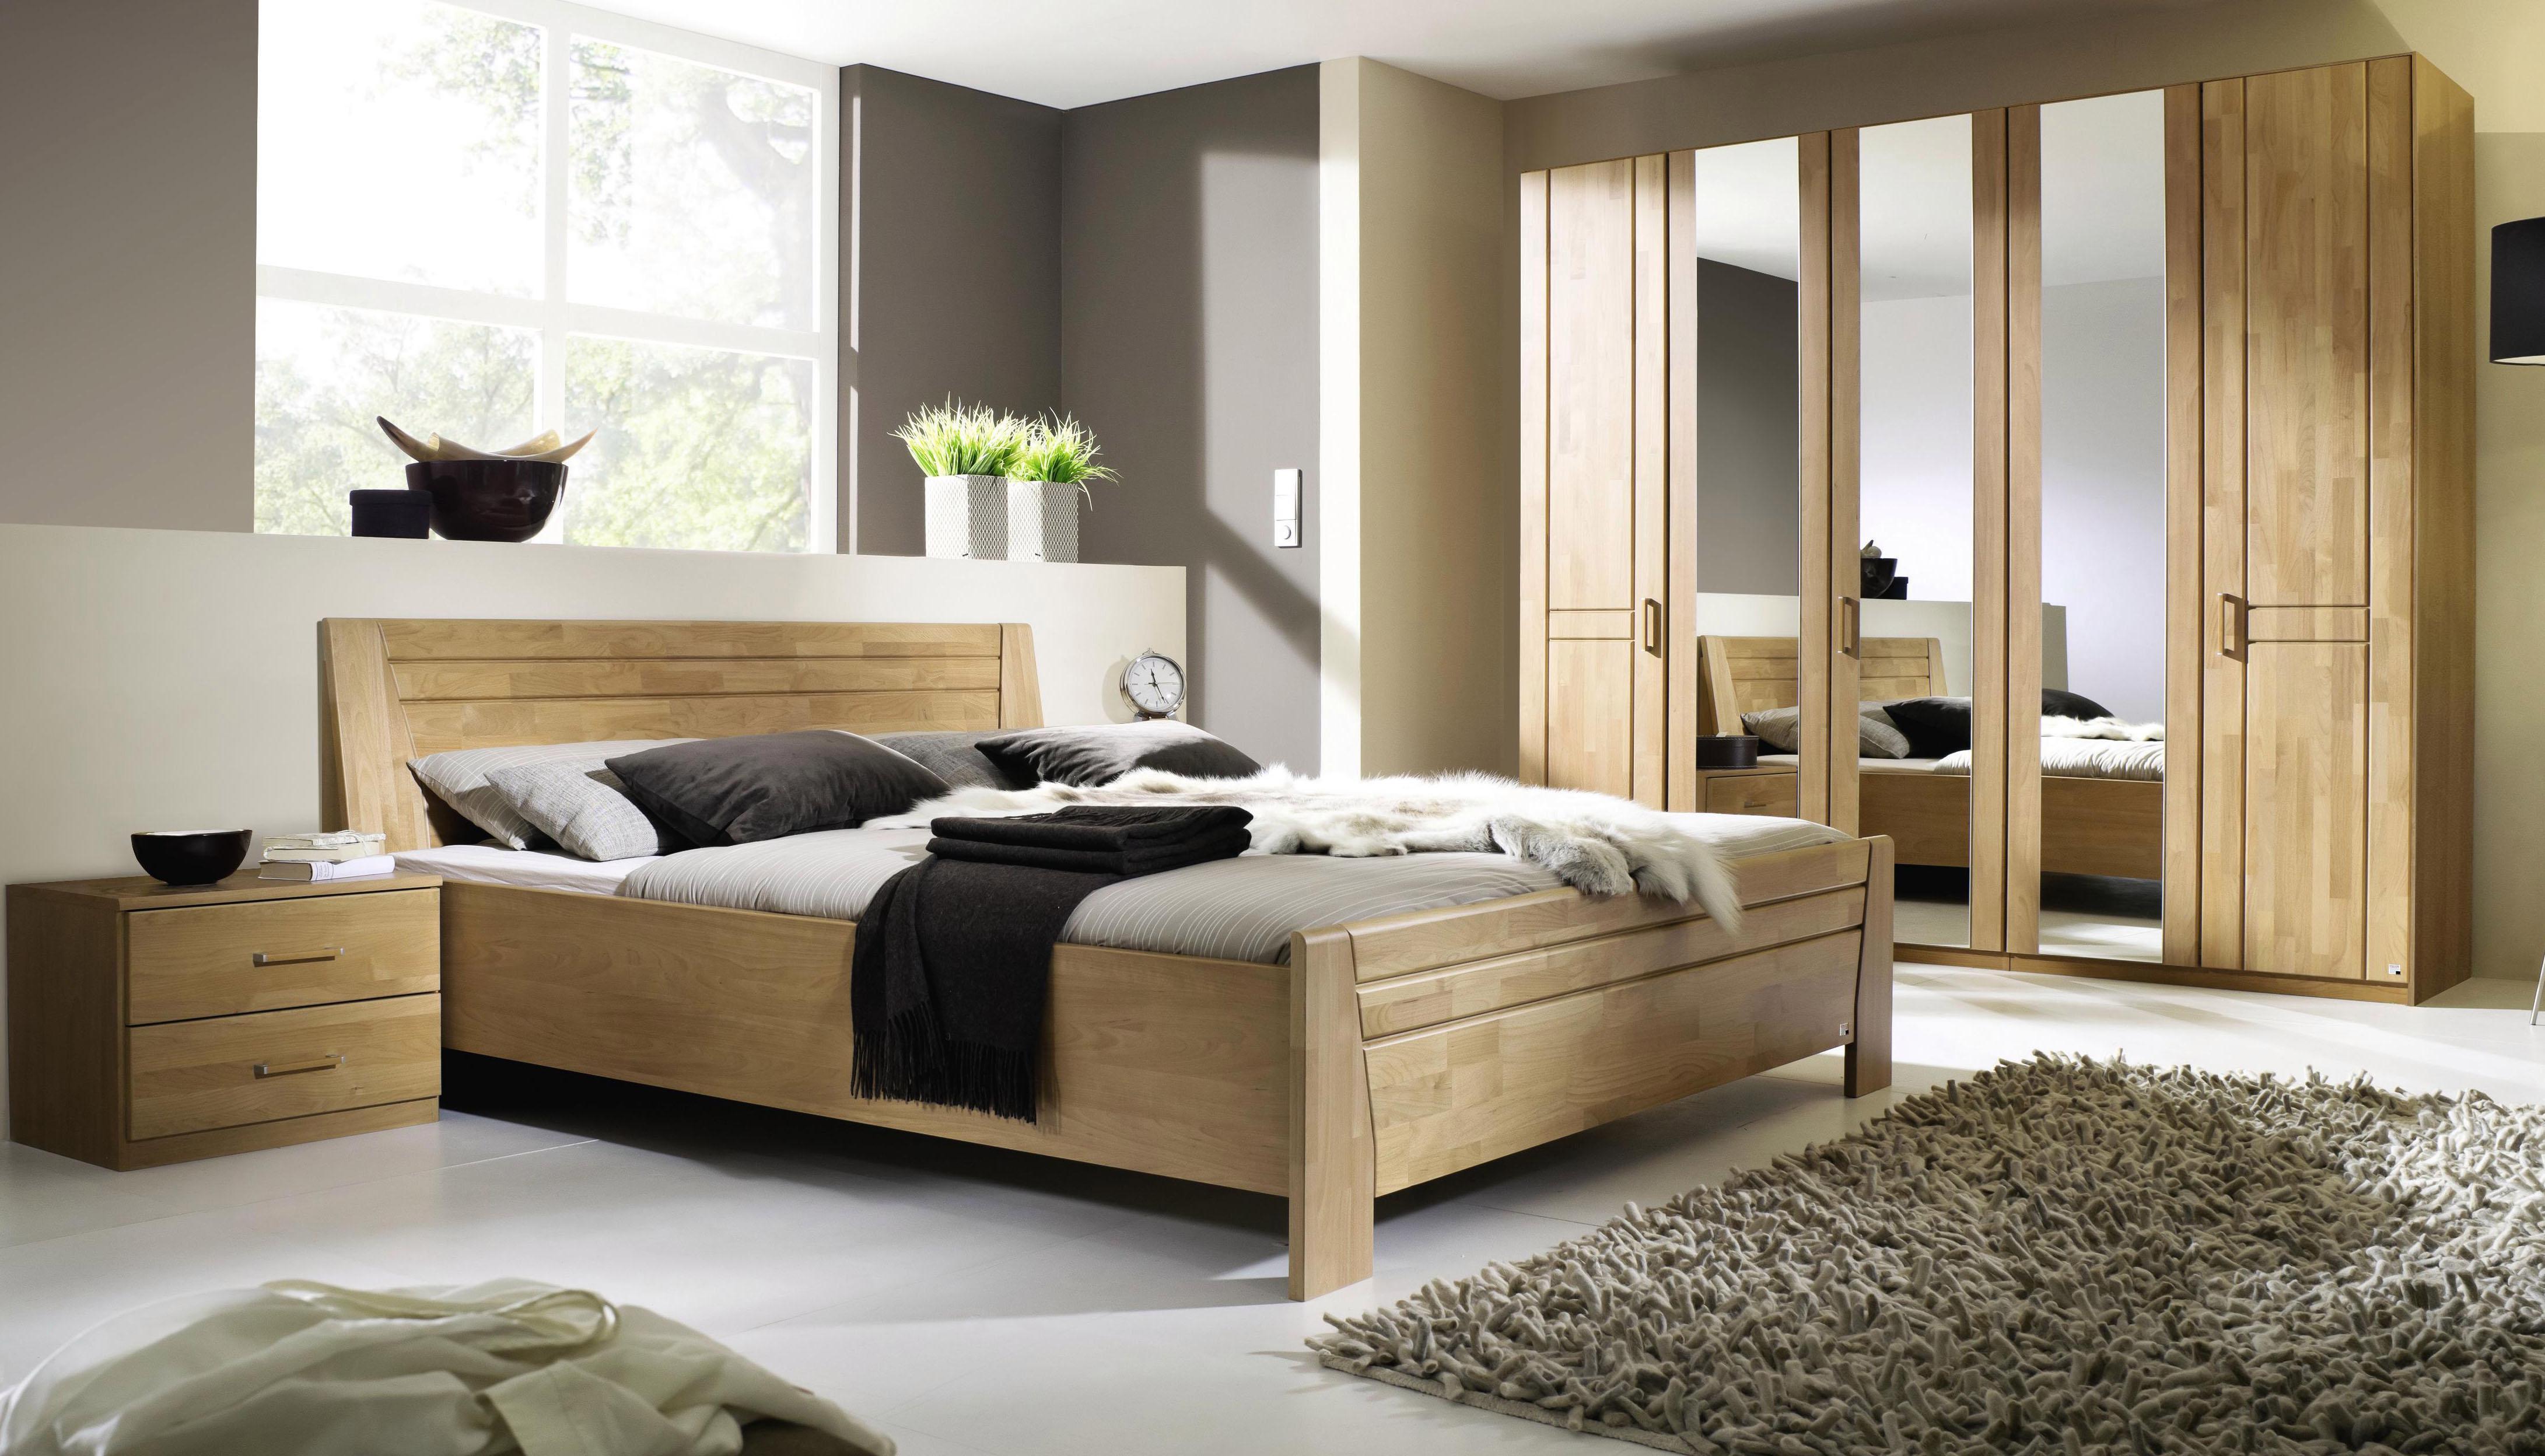 Schlafzimmer-Set (4-tlg) | Schlafzimmer > Komplett-Schlafzimmer | Massiver - Webstoff - Melamin